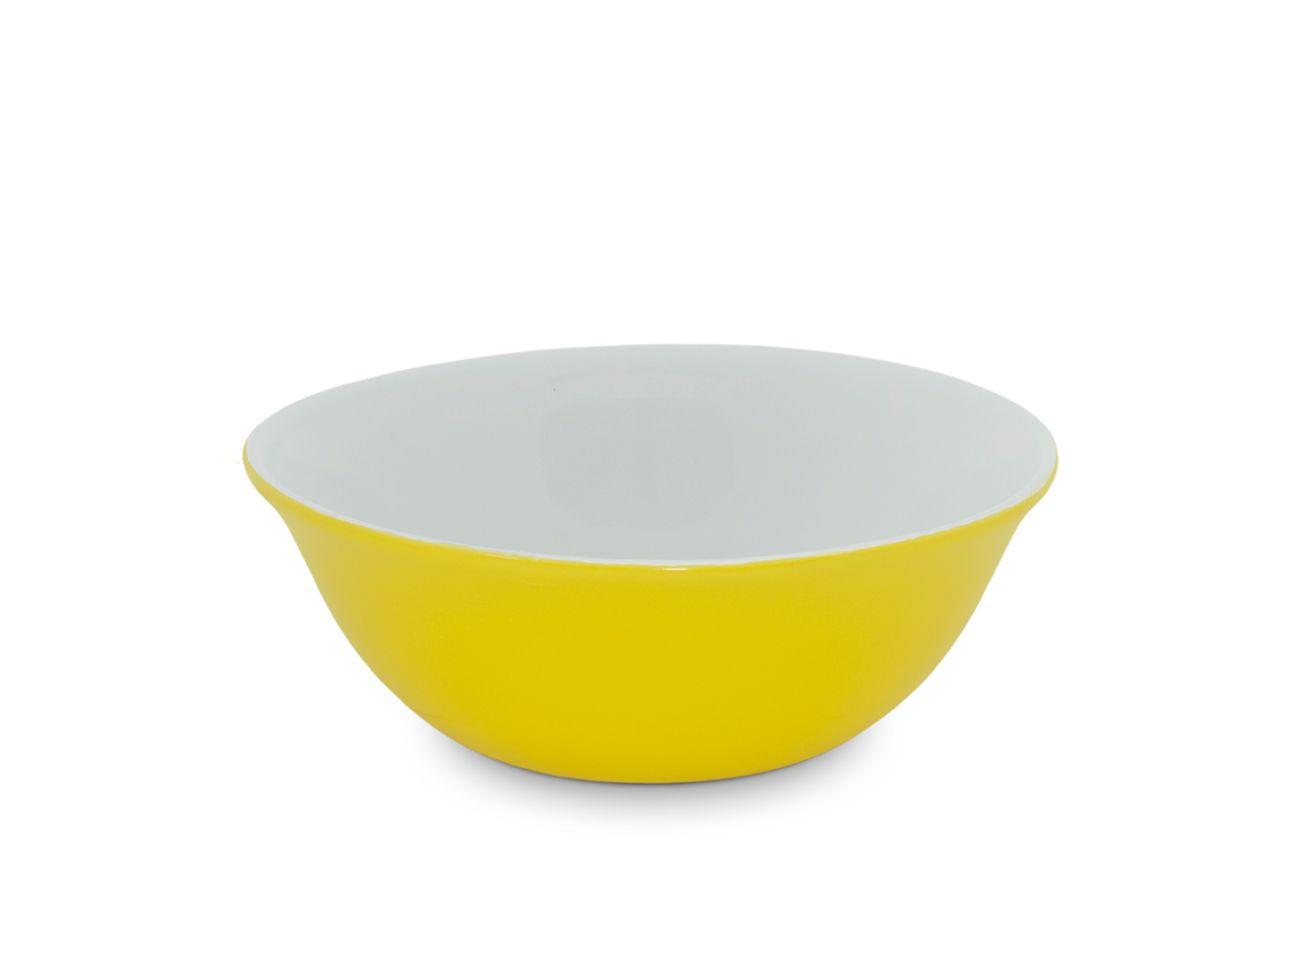 Bowl De Cerâmica Ceraflame 900Ml - Amarelo